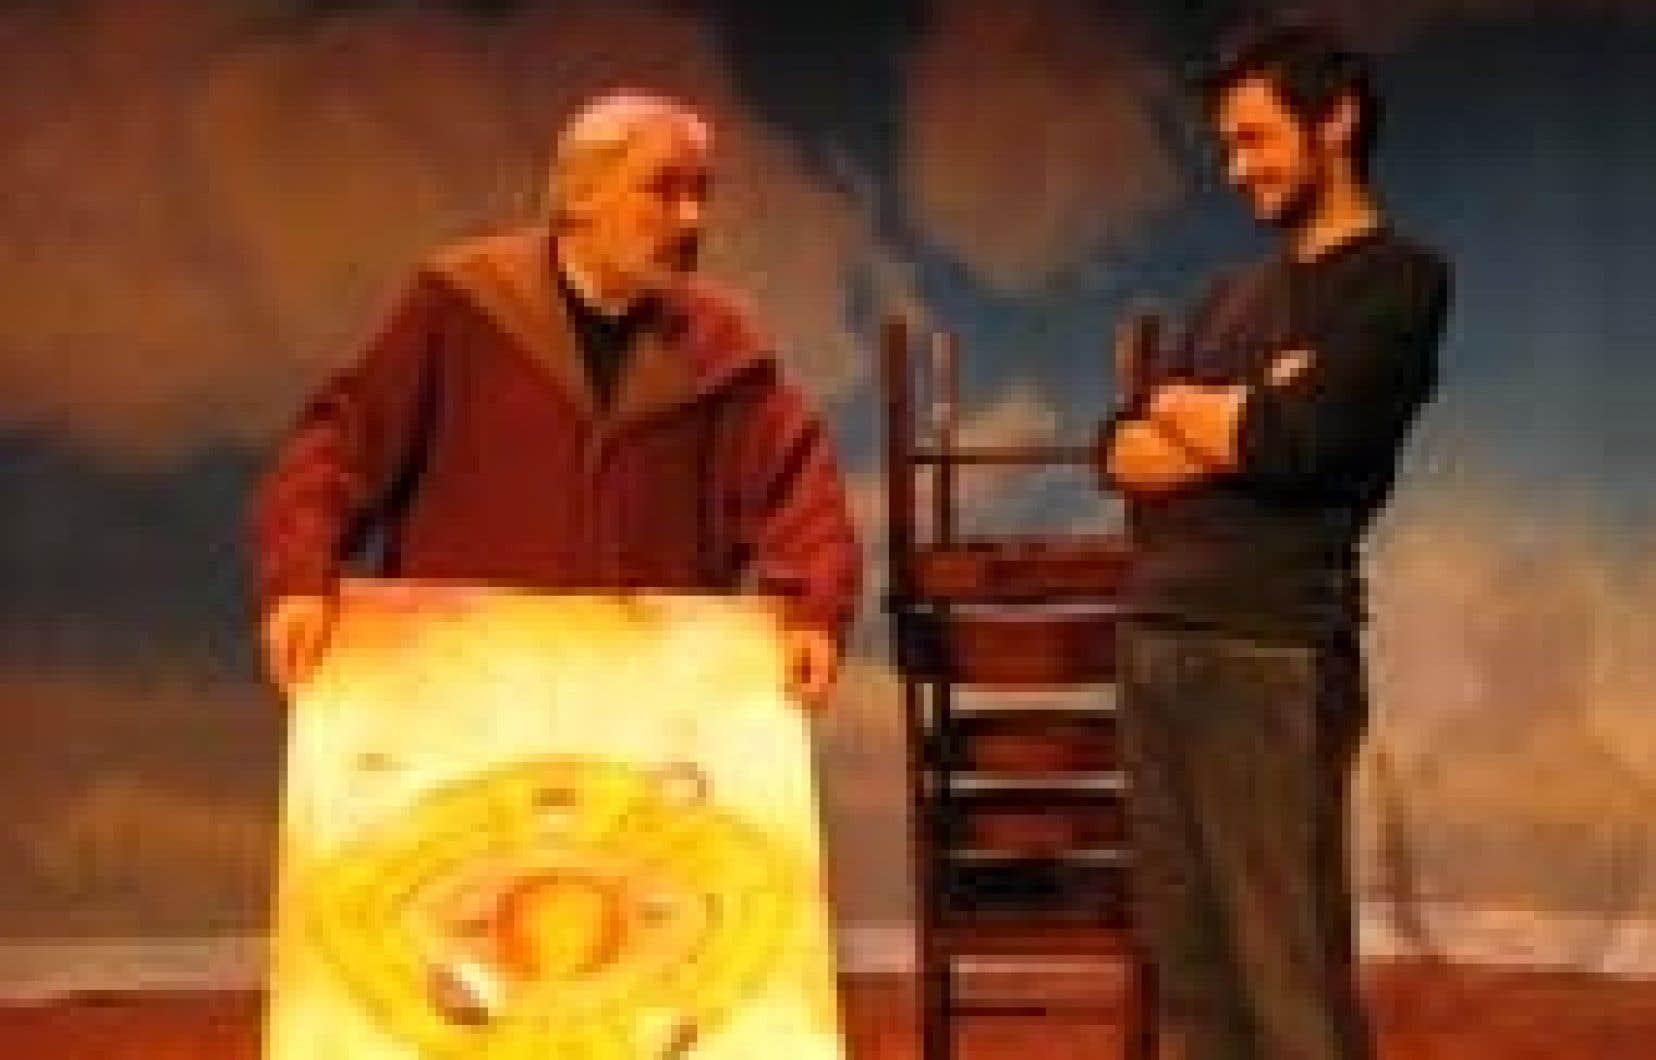 La pièce Le Cabaret de Galilée traite de l'importance de Galilée dans l'histoire des sciences, ce qui est fort louable. Source: Petit Théâtre Chaplin